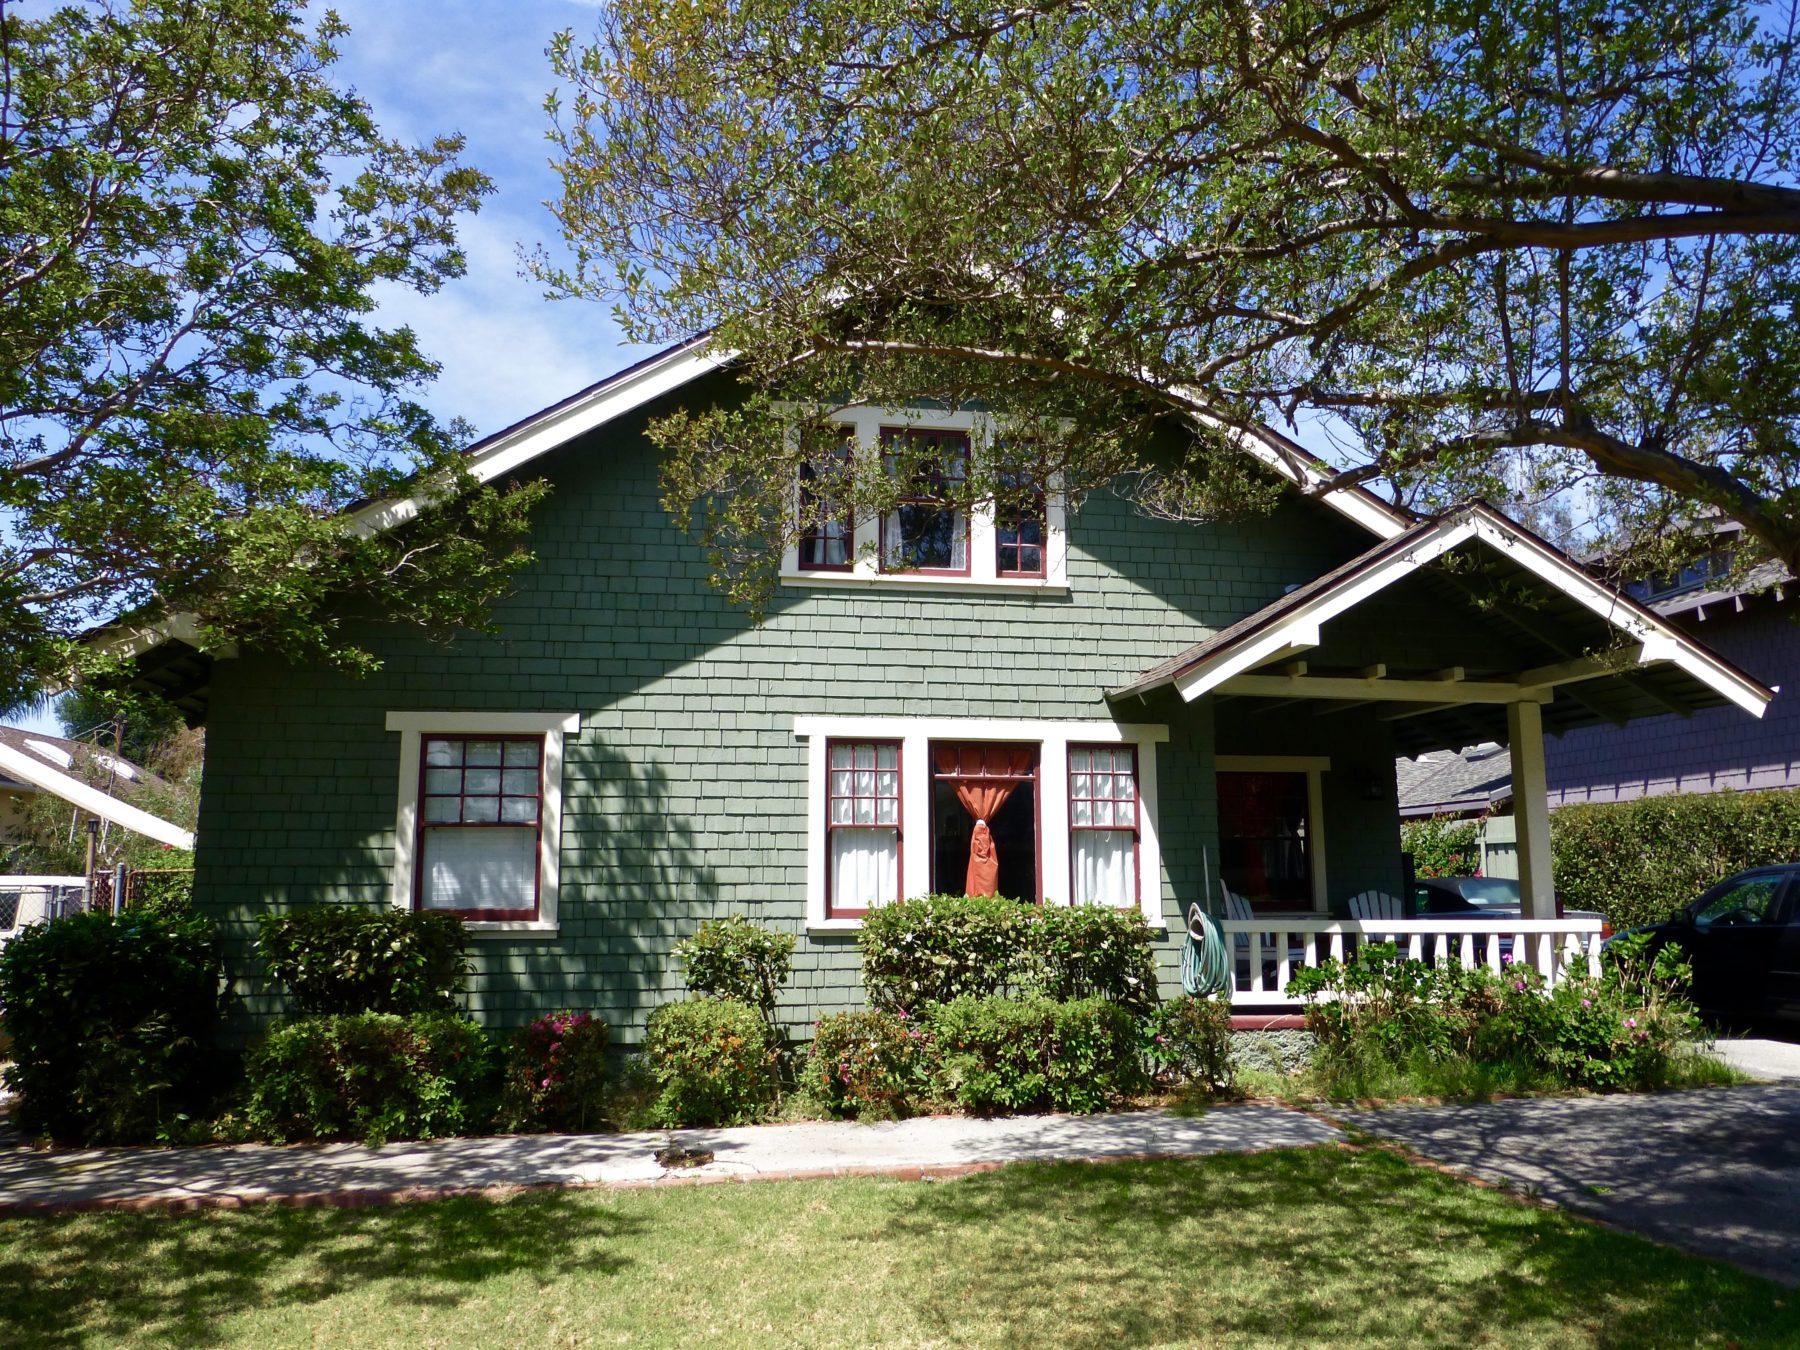 Homes Sweet Homes Bungalow Heaven Home Tour Pasadena